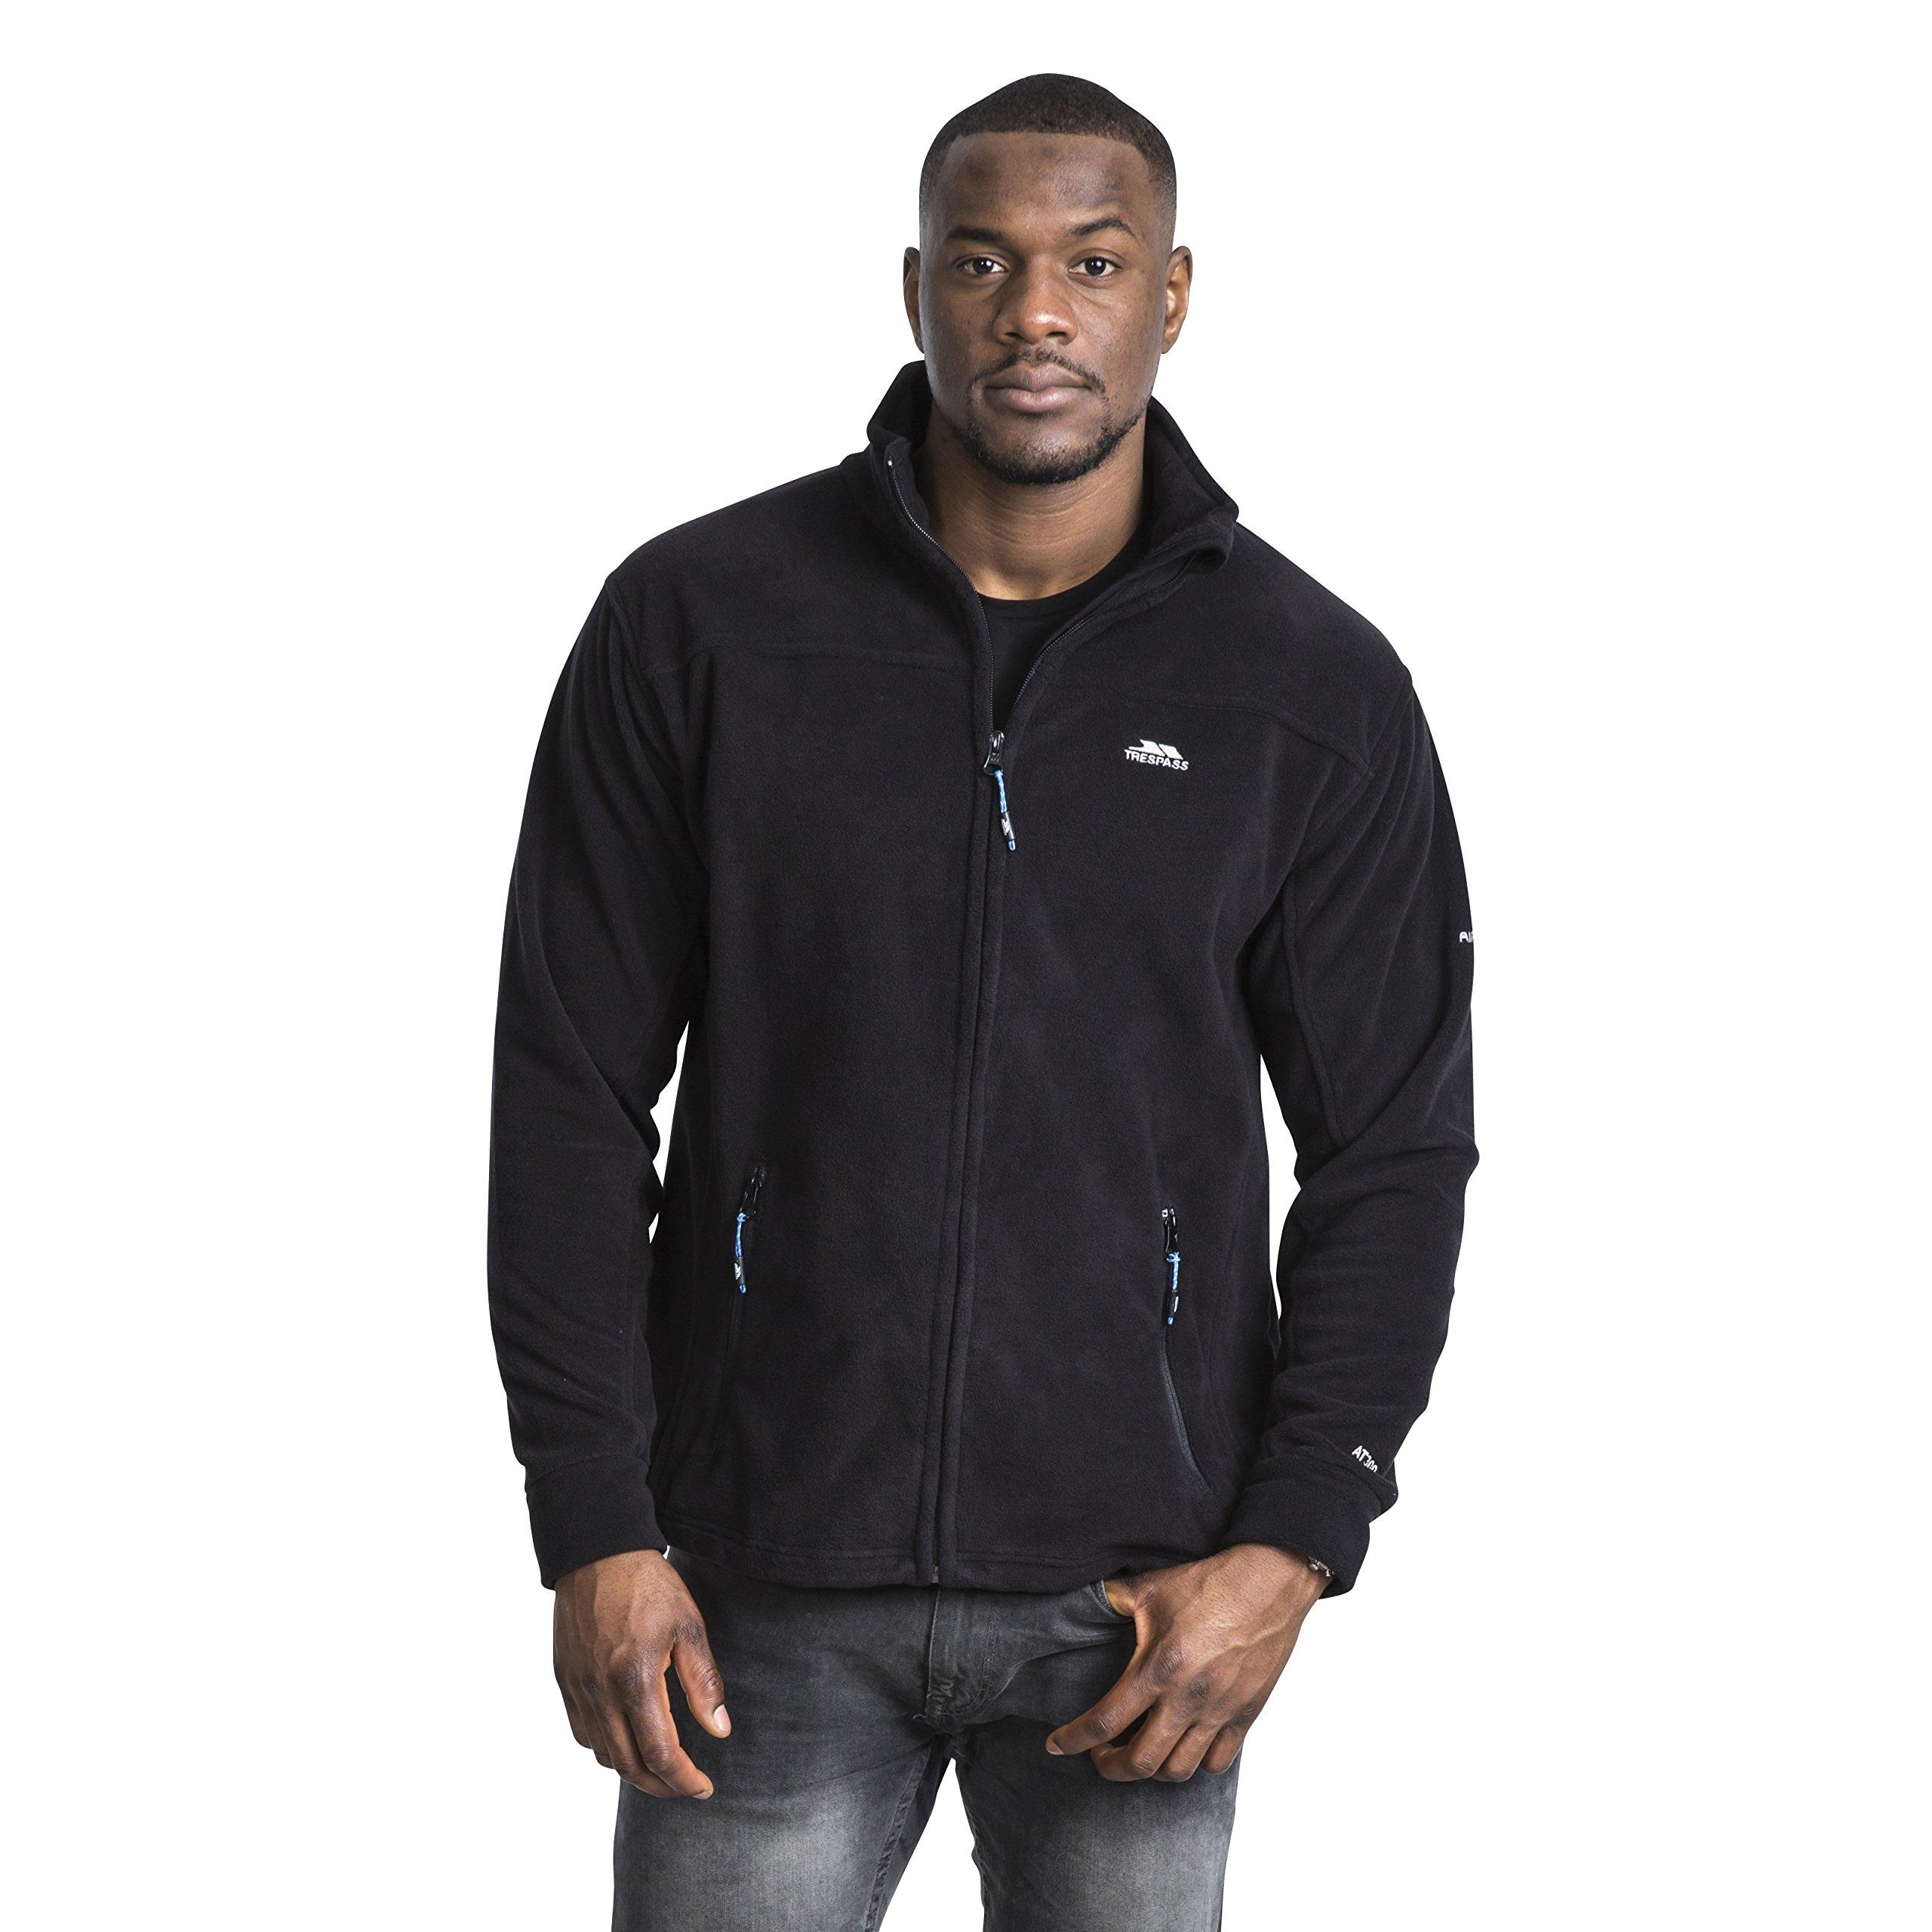 Trespass Bernal Lightweight Full Zip Mens Jacket Warm Casual Fleece Jumper